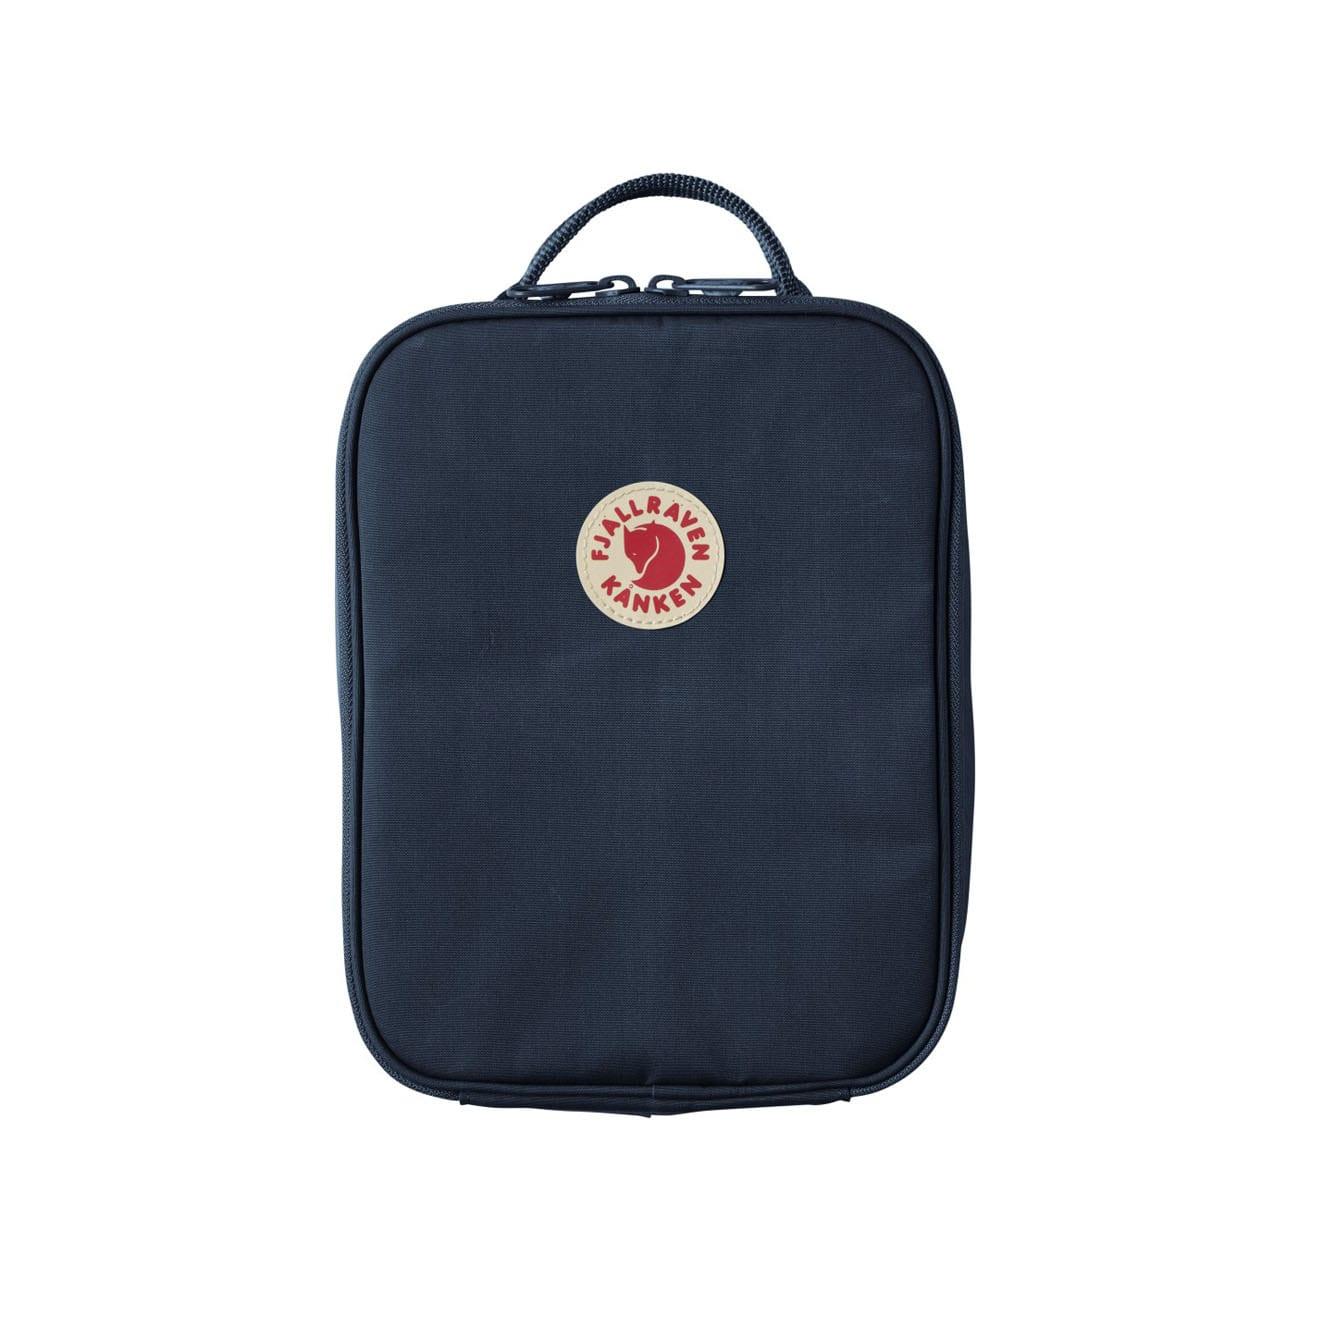 Fjallraven Kanken Cooler Lunch Bag Navy